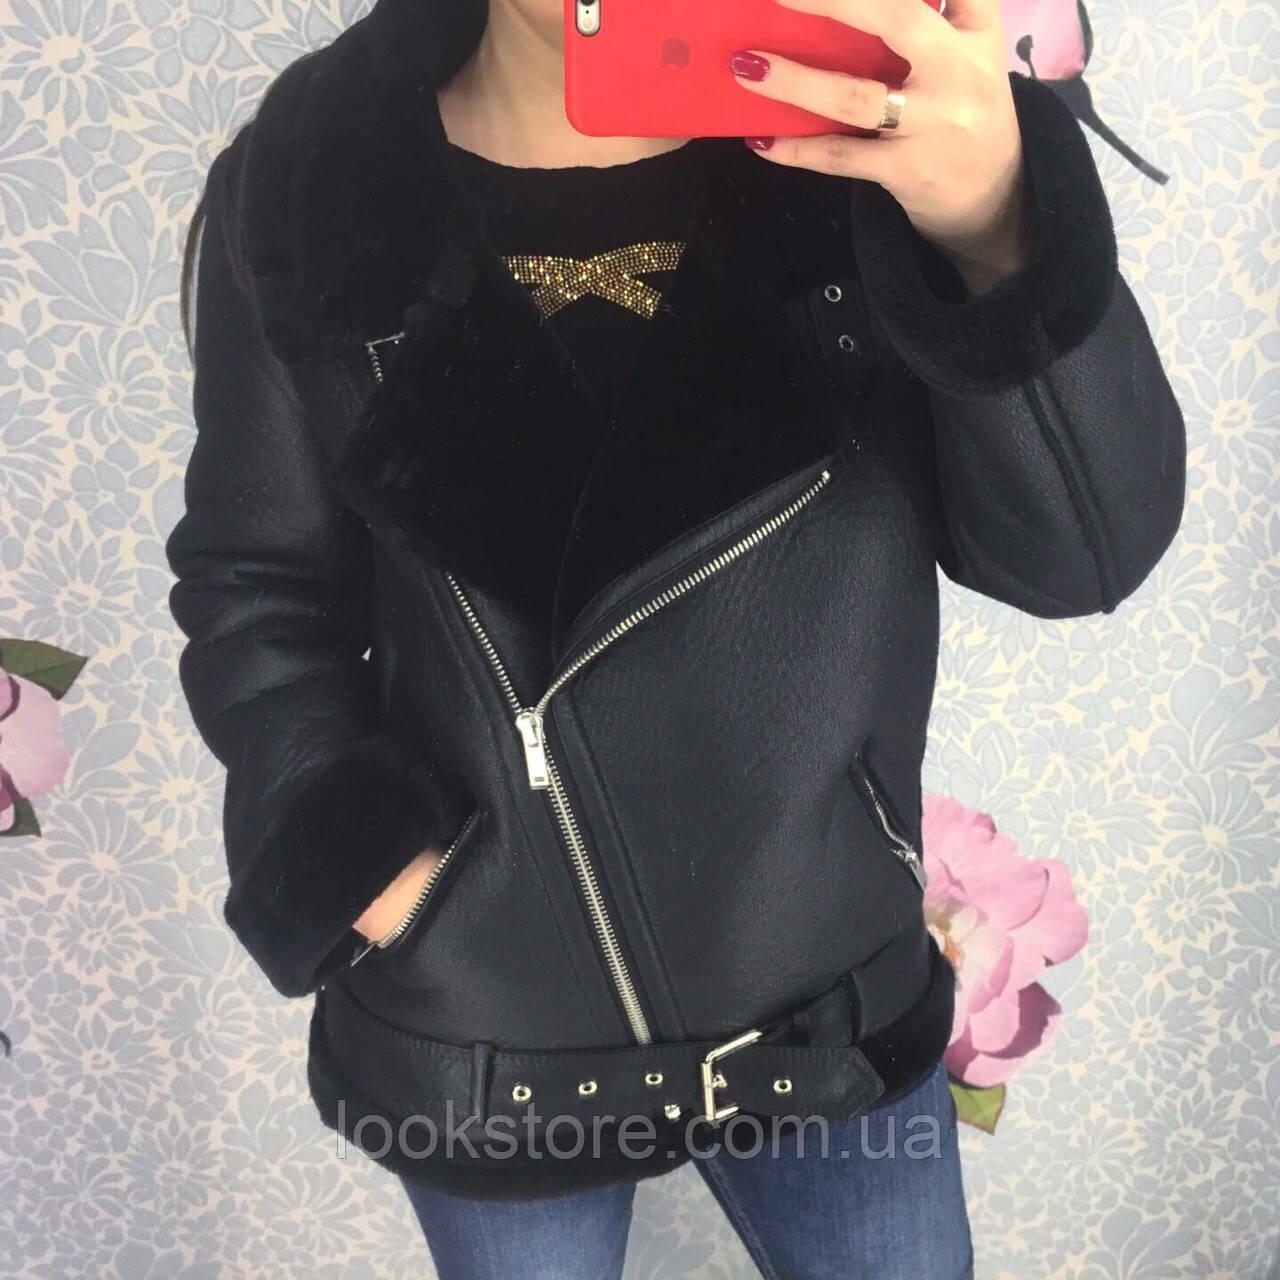 Женская теплая дубленка авиатор Zara Woman черная